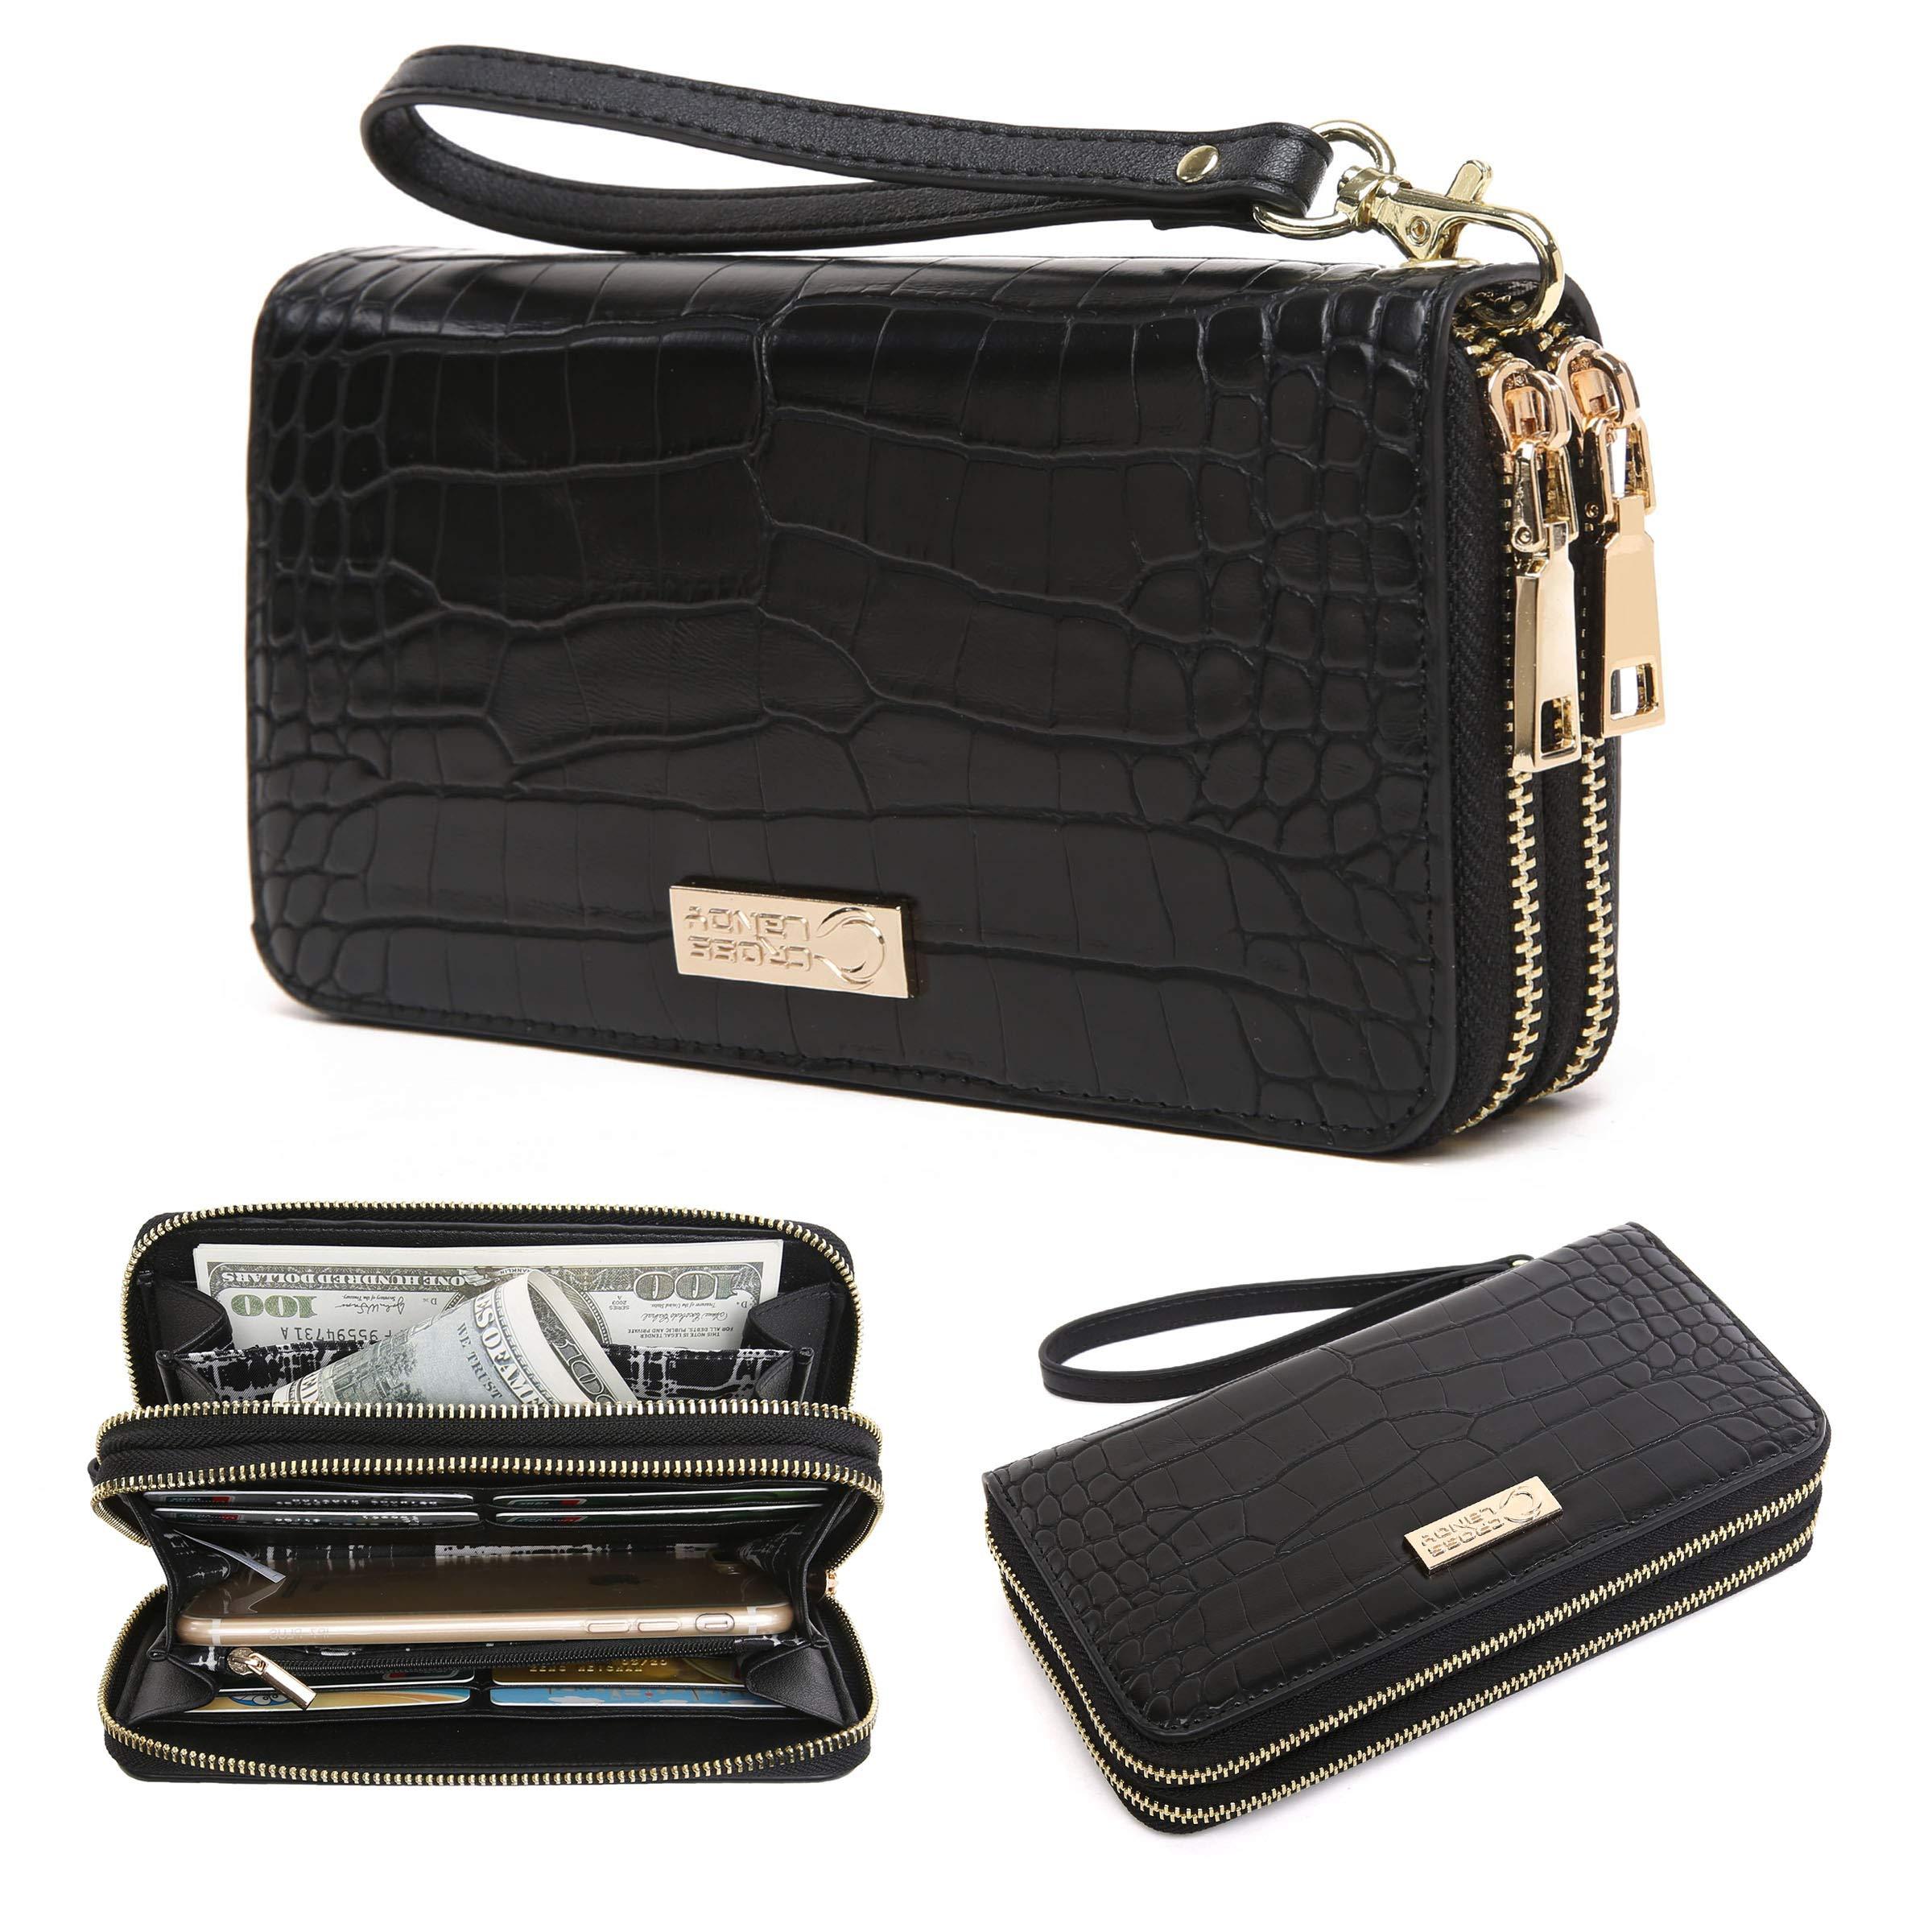 CrossLandy Women Men RFID Blocking Double Zip Leather Wallet Clutch Wristlet